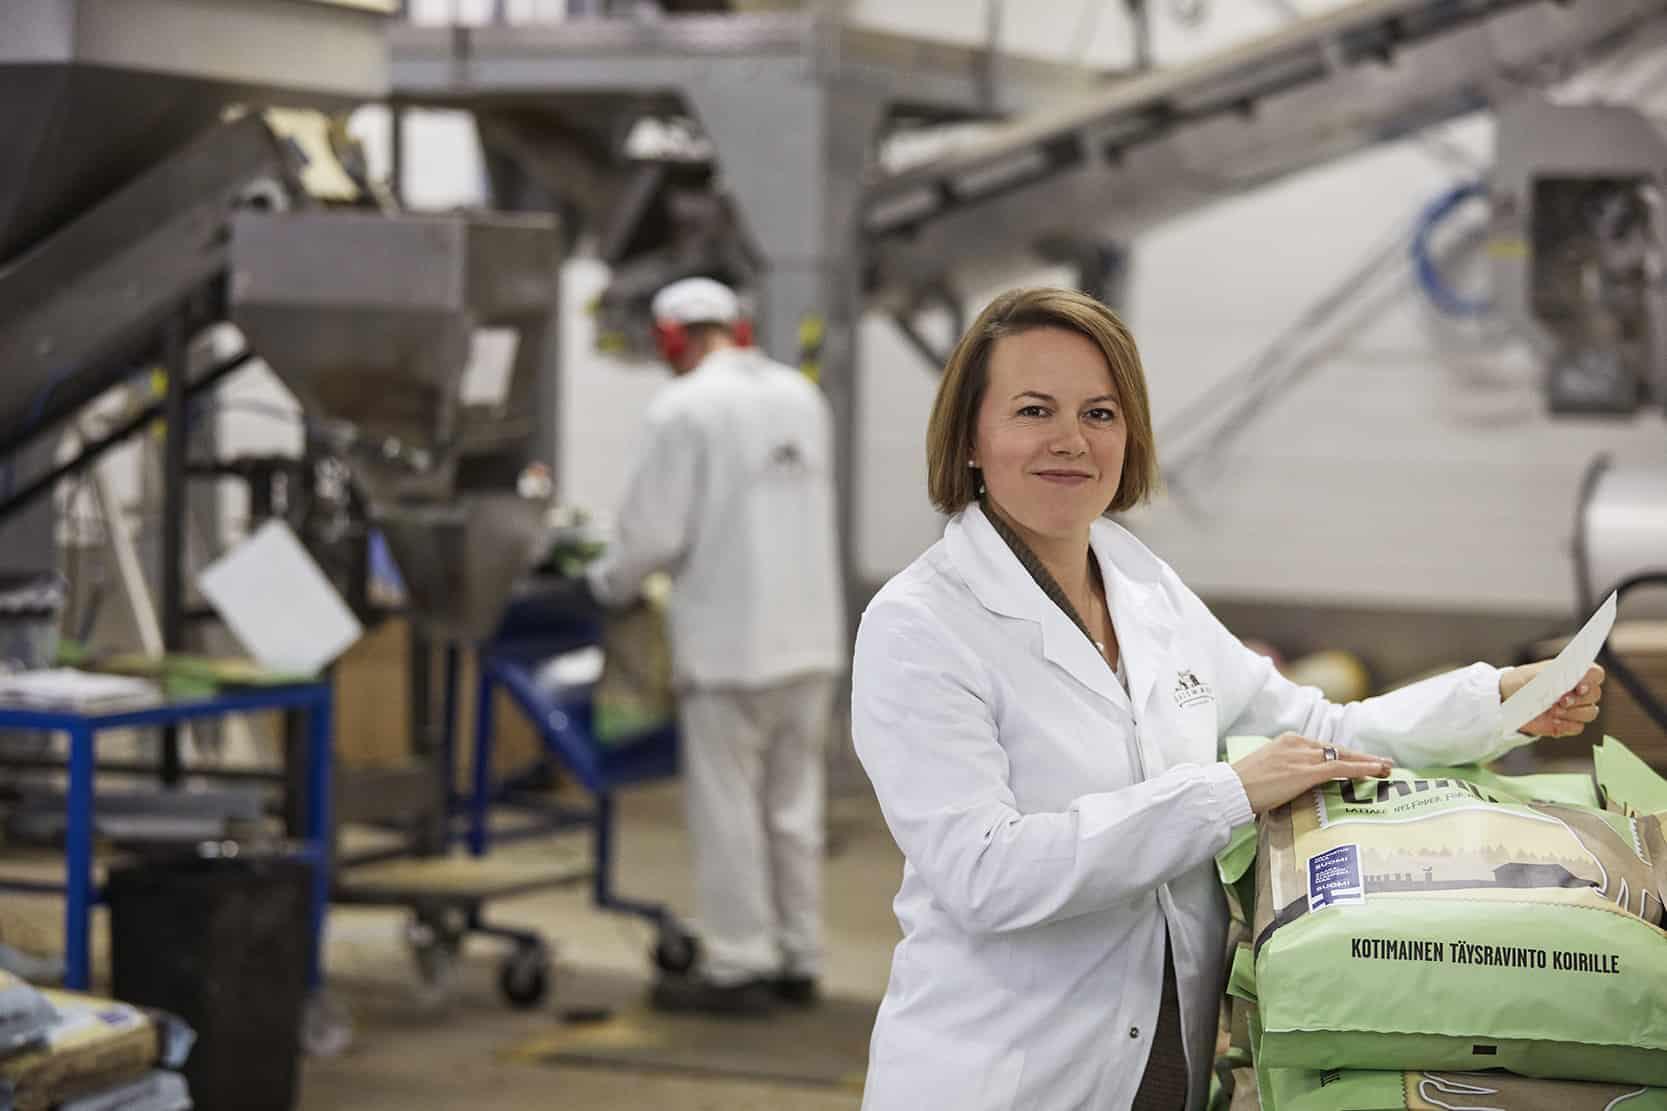 Laura Strömberg tehtaalla.